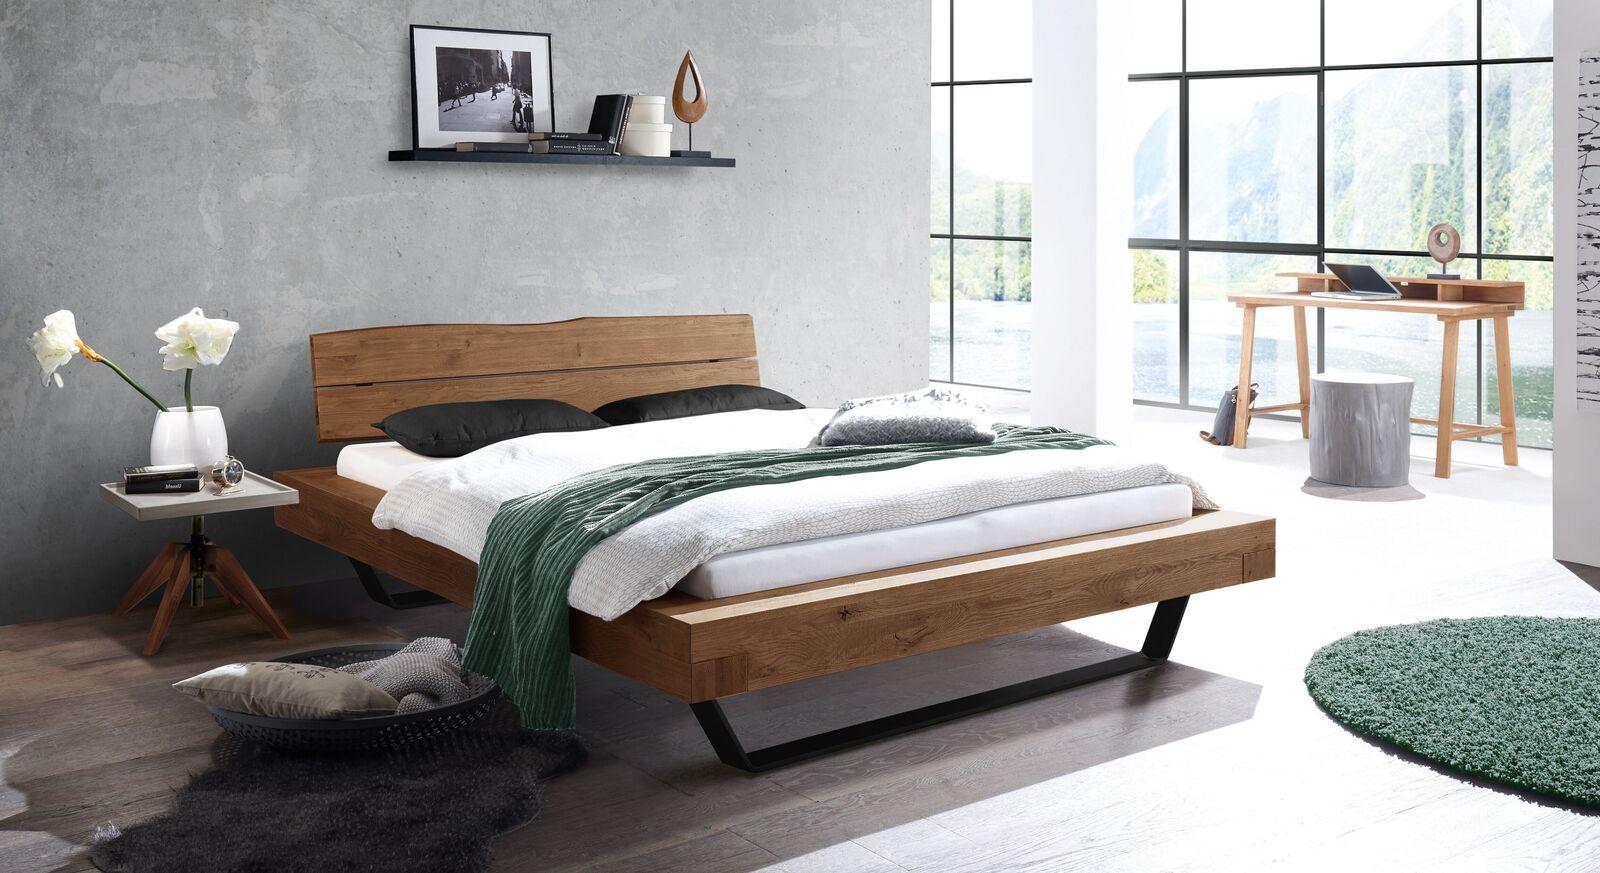 Bett Antero mit passenden Schlafzimmermöbeln